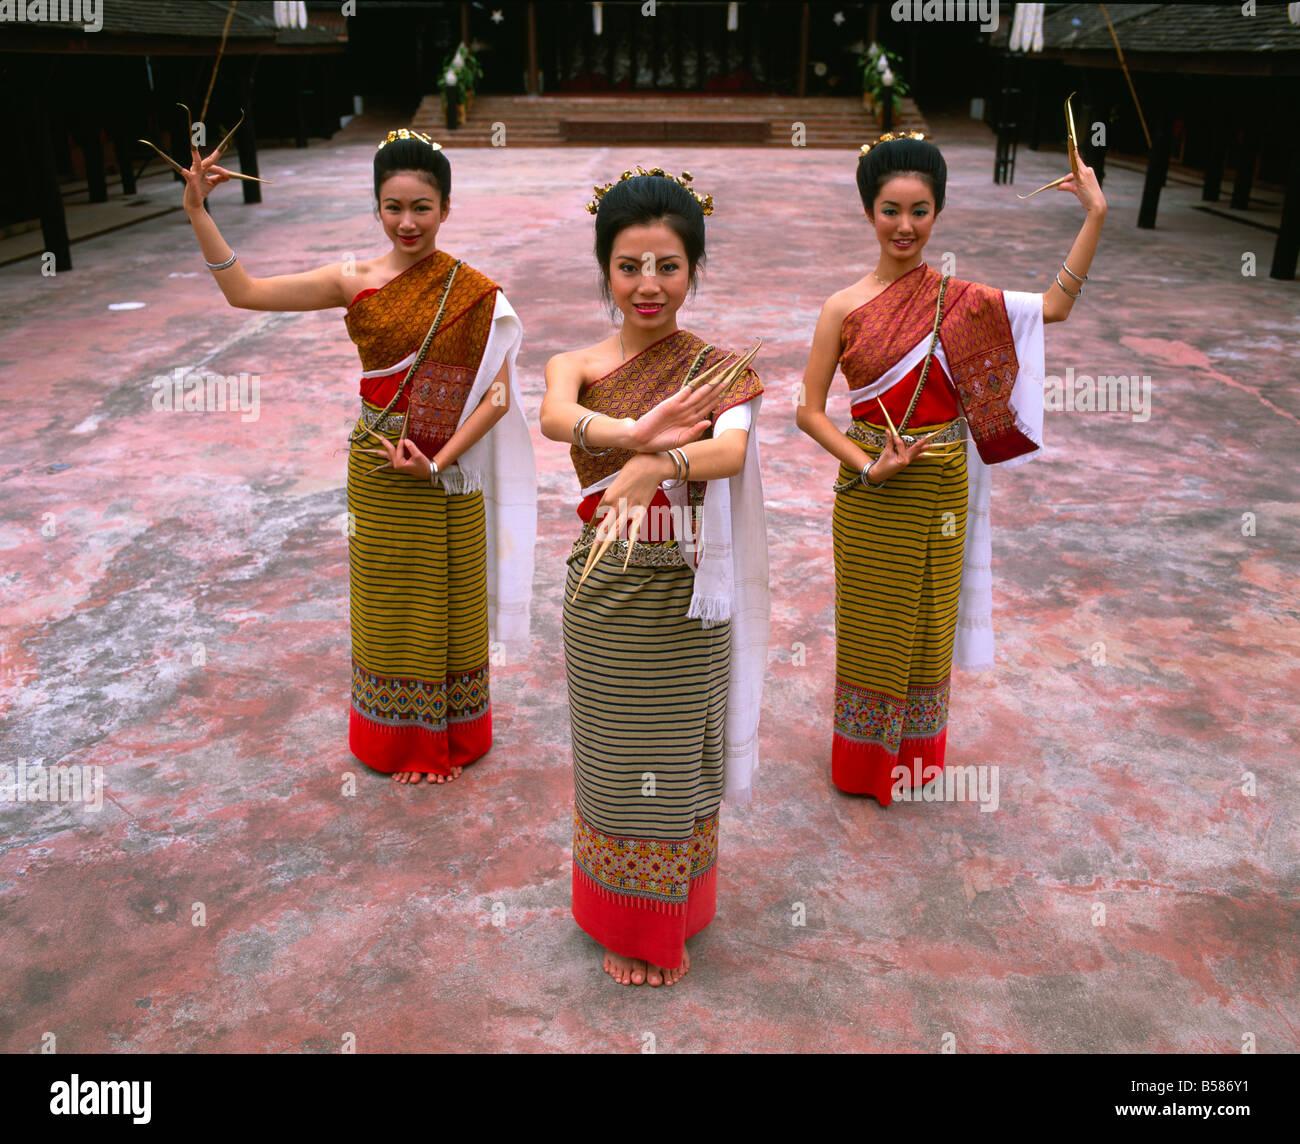 Portrait de trois femmes en costume traditionnel thaï, Chiang Mai, Thaïlande, Asie du Sud-Est, Asie Banque D'Images